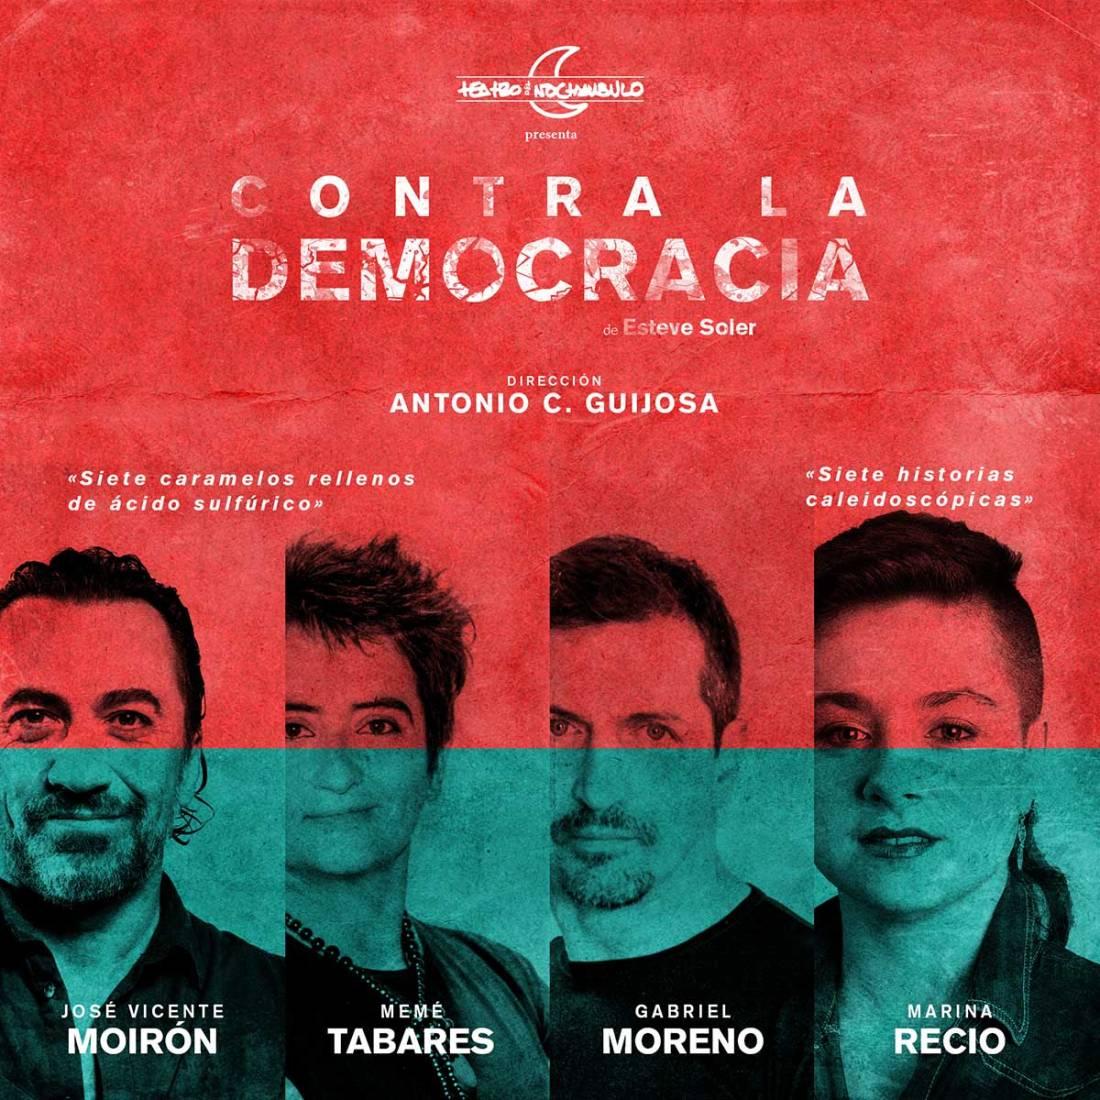 CONTRA-LA-DEMOCRACIA-promocional-web